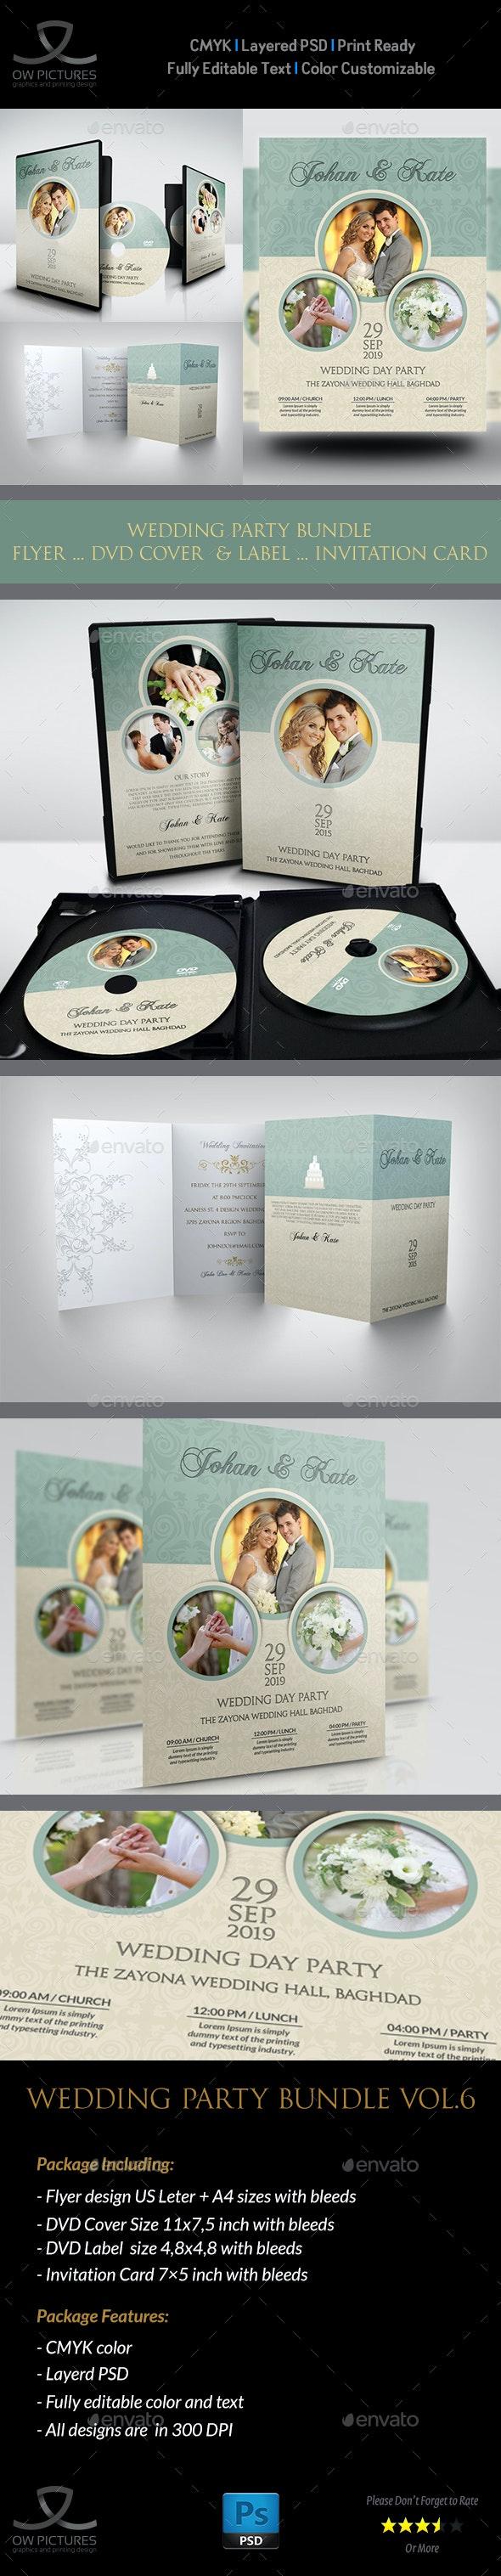 Wedding Party Bundle Vol.6 - Weddings Cards & Invites